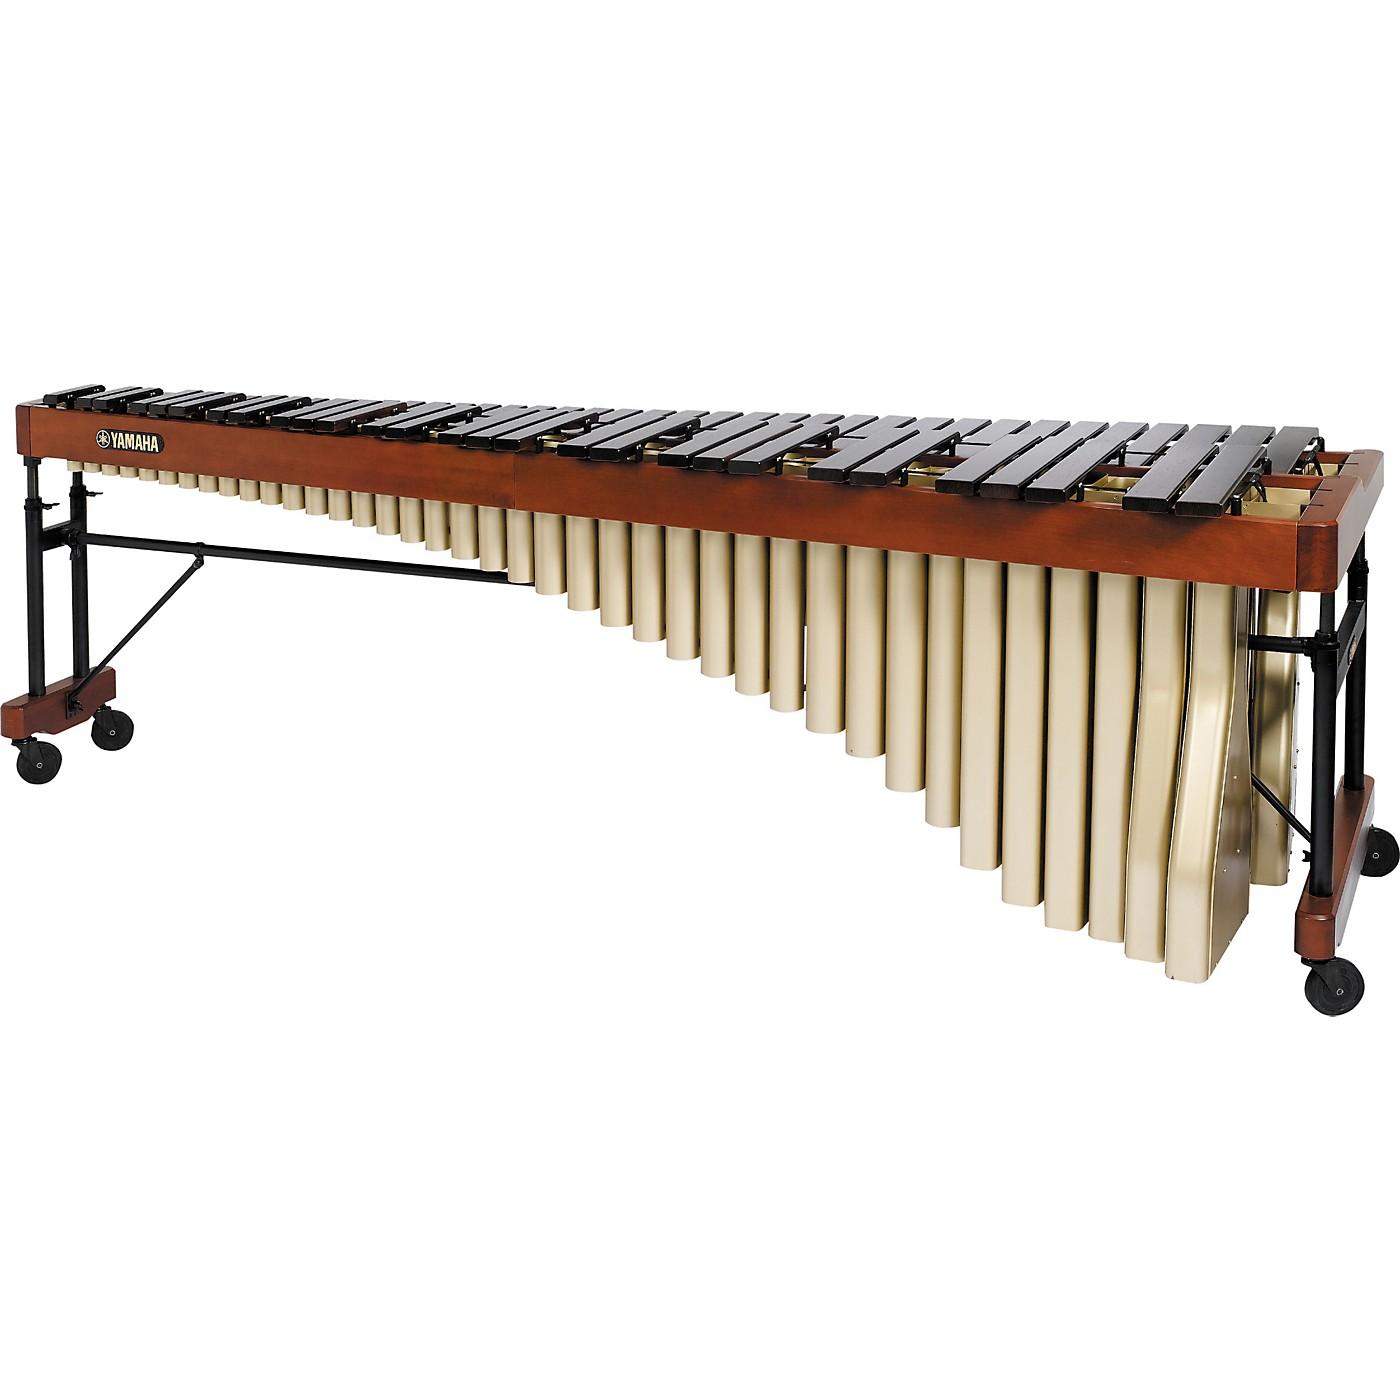 Yamaha YM5104AC Custom 5.5 Octave Rosewood Marimba with Cover thumbnail